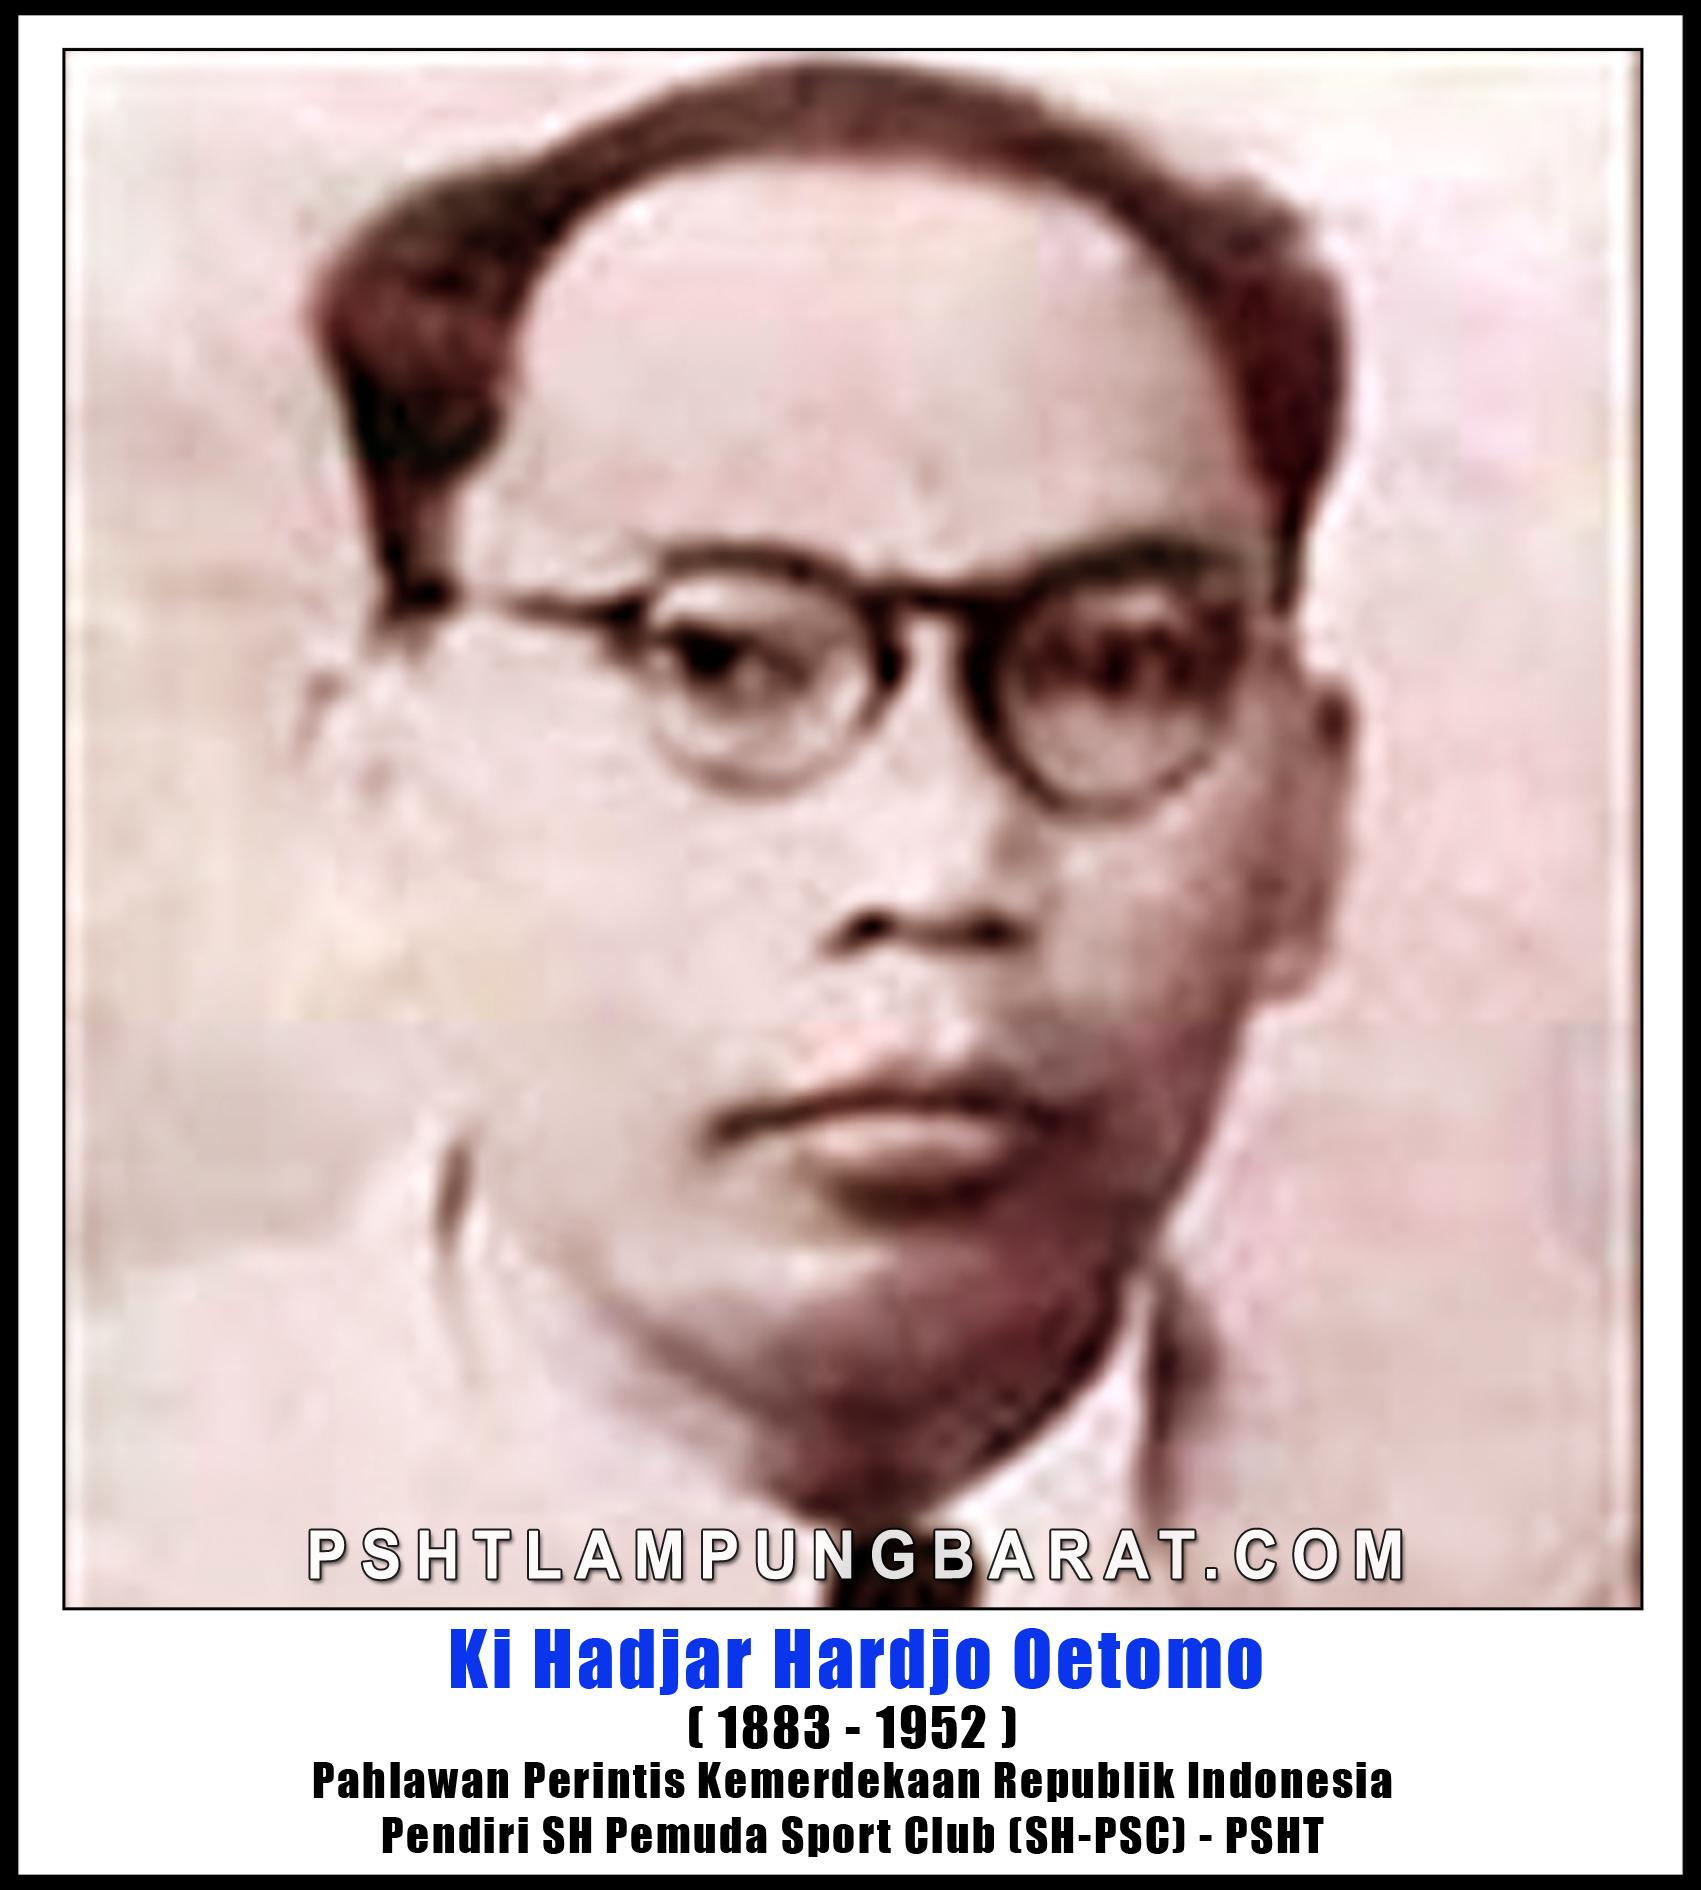 Ki Hadjar Hardjo Oetomo